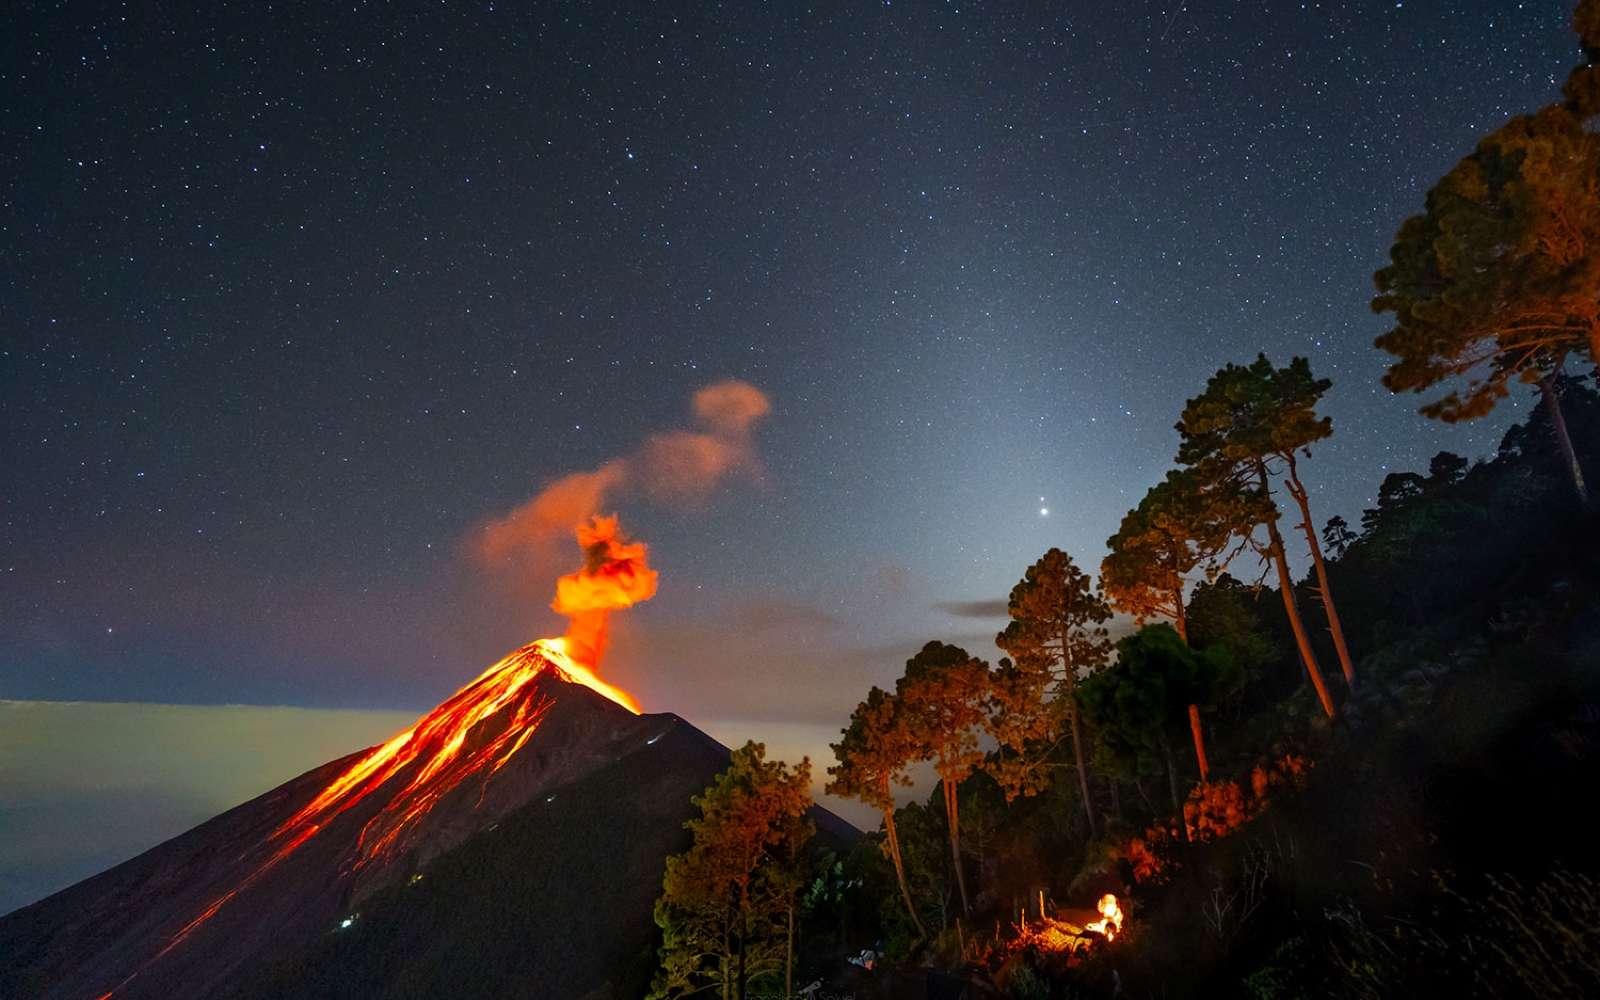 Superbe photo de la conjonction de Jupiter et Saturne dans le ciel du Guatemala, près d'un volcan en éruption. Le faisceaux brumeux presque verticale à travers lequel brillent les deux planètes est la lumière zodiacale. © Francisco Sojuel, Apod (Nasa)